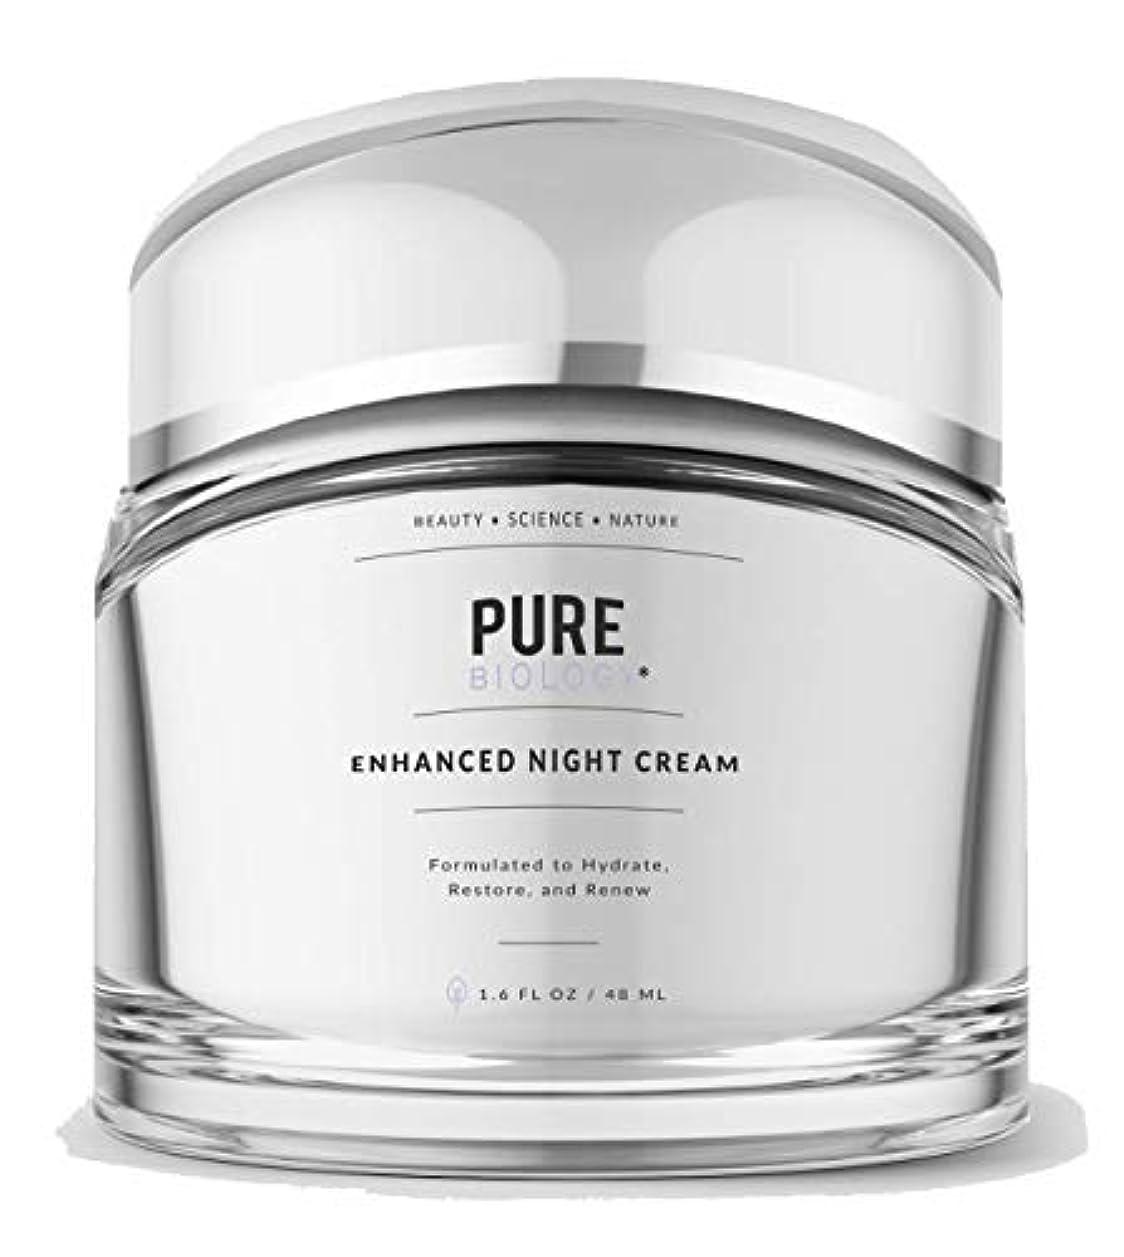 作成者けがをする電話に出る[Pure Biology] [フェイスモイスチャライザー Premium Night Cream Face Moisturizer – Eye, Face & Neck Skin Care] (並行輸入品)